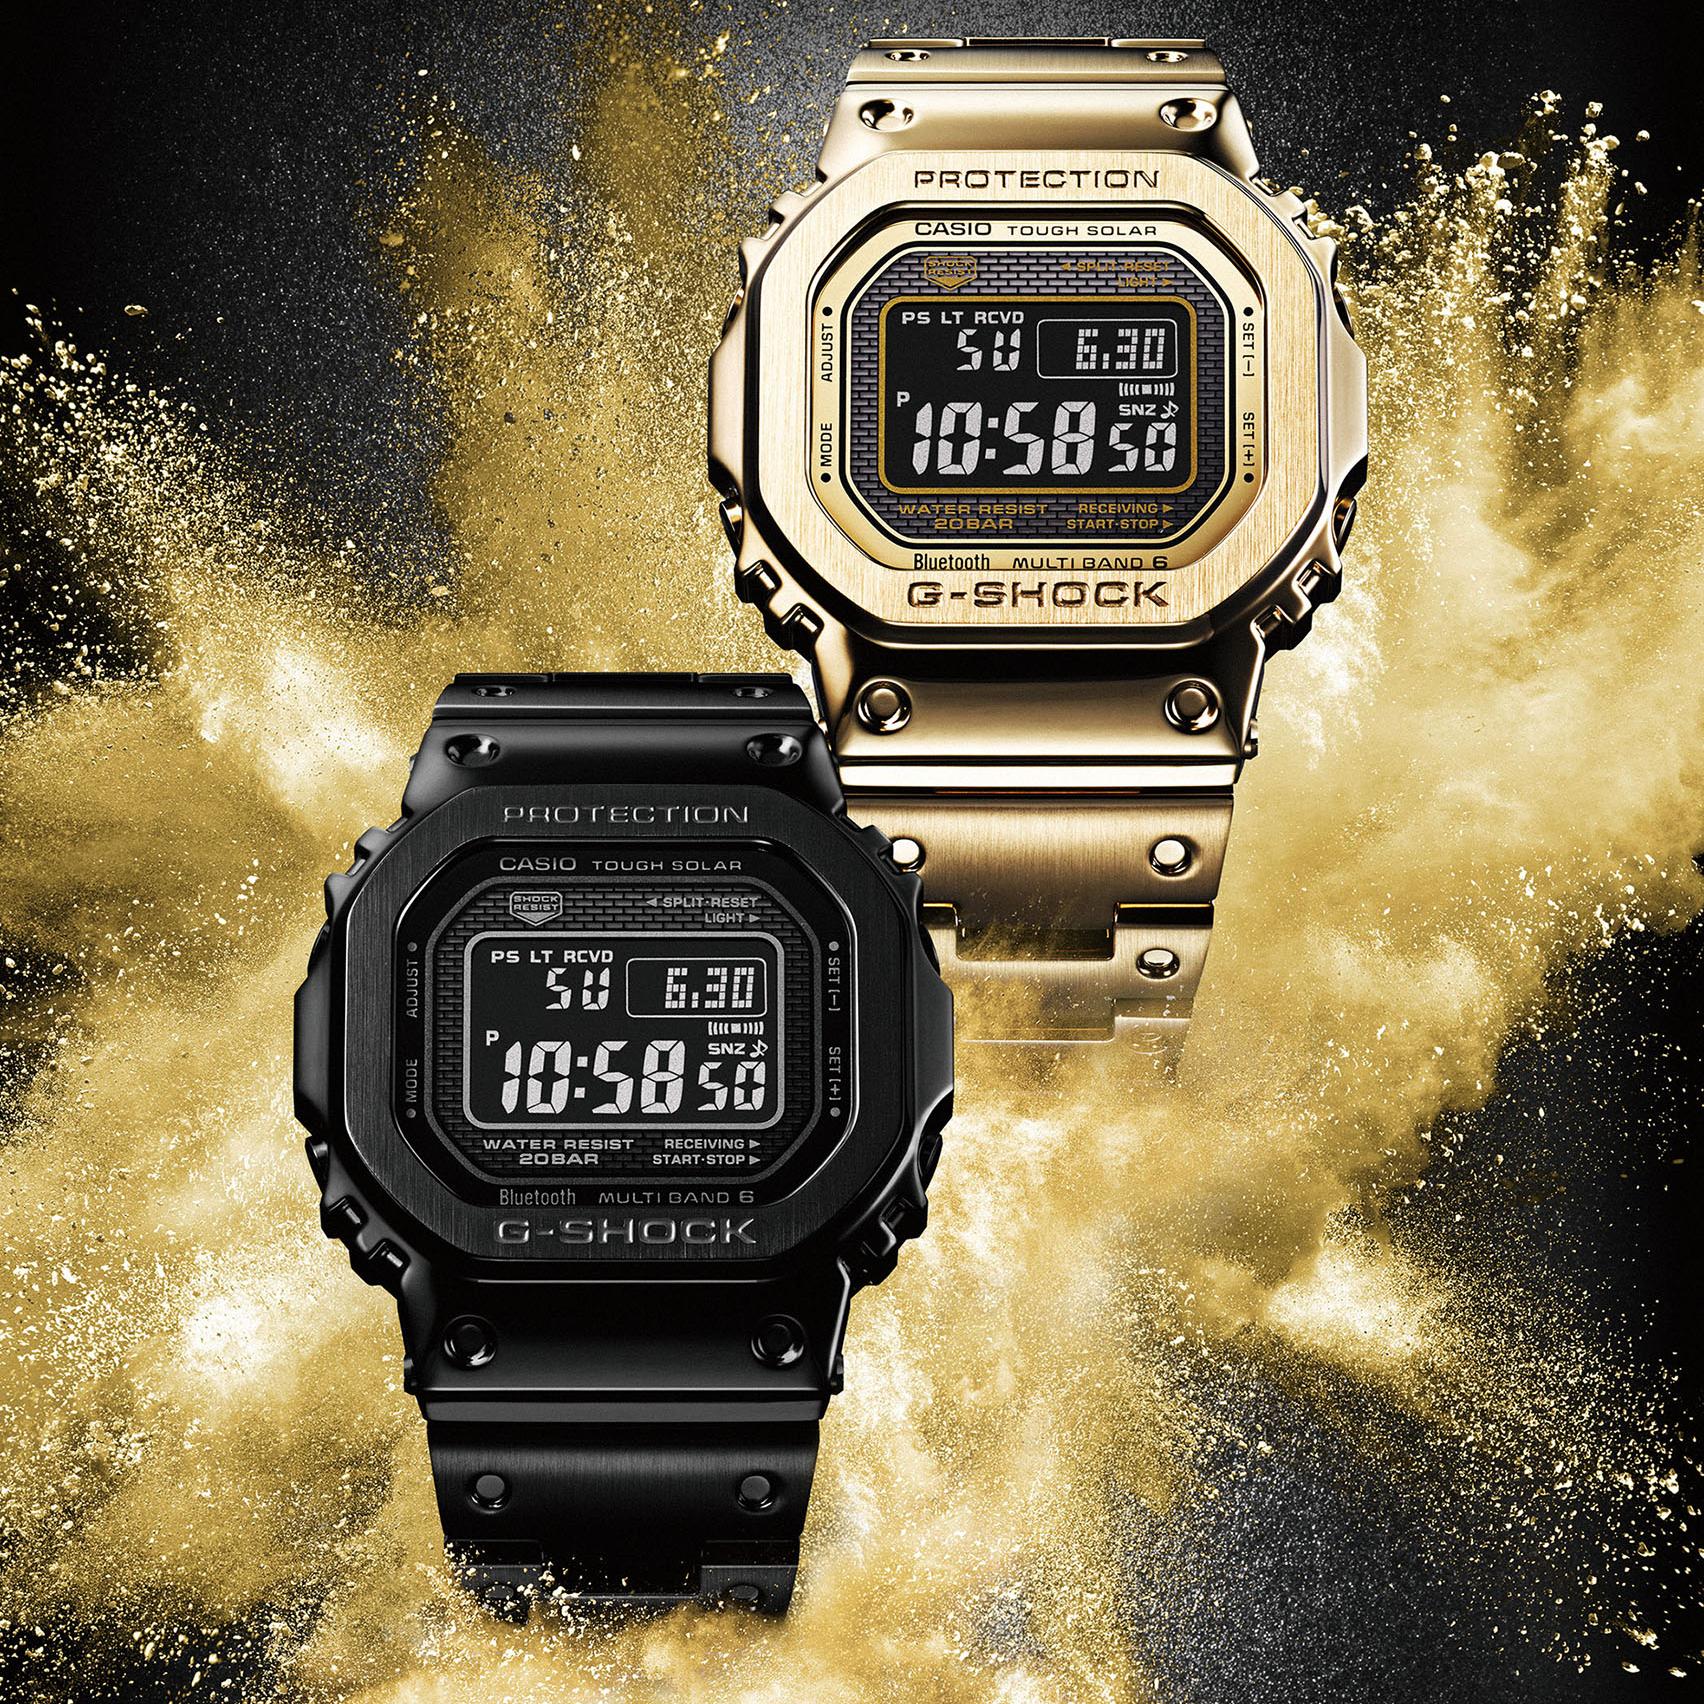 質感錶款再進化─G-SHOCK GMW-B5000 新色登場!